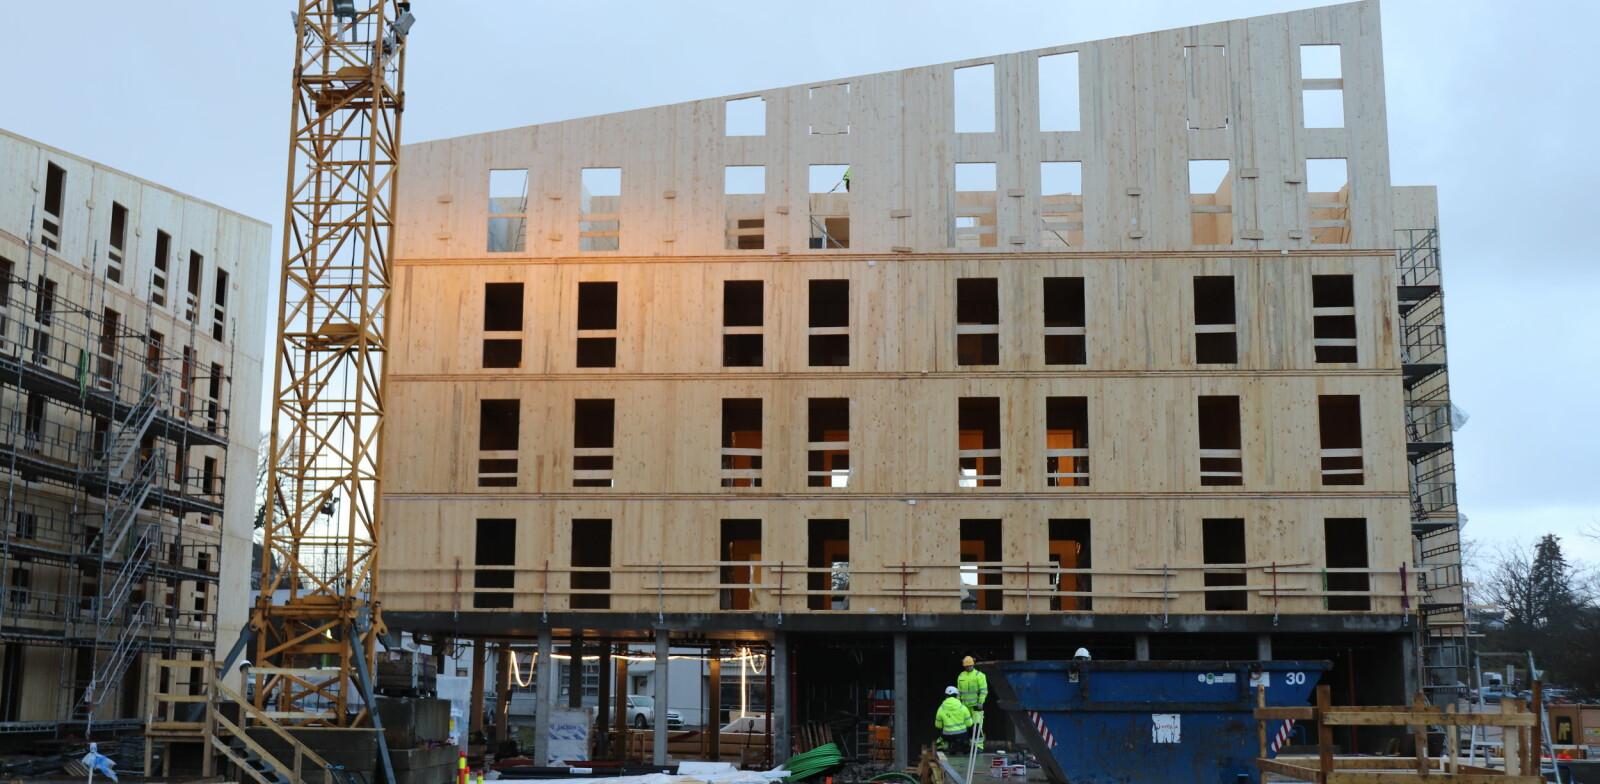 Det bygges 230 nye studentboliger i massivtre i Fredrikstad for Studentsamskipnaden i Østfold.